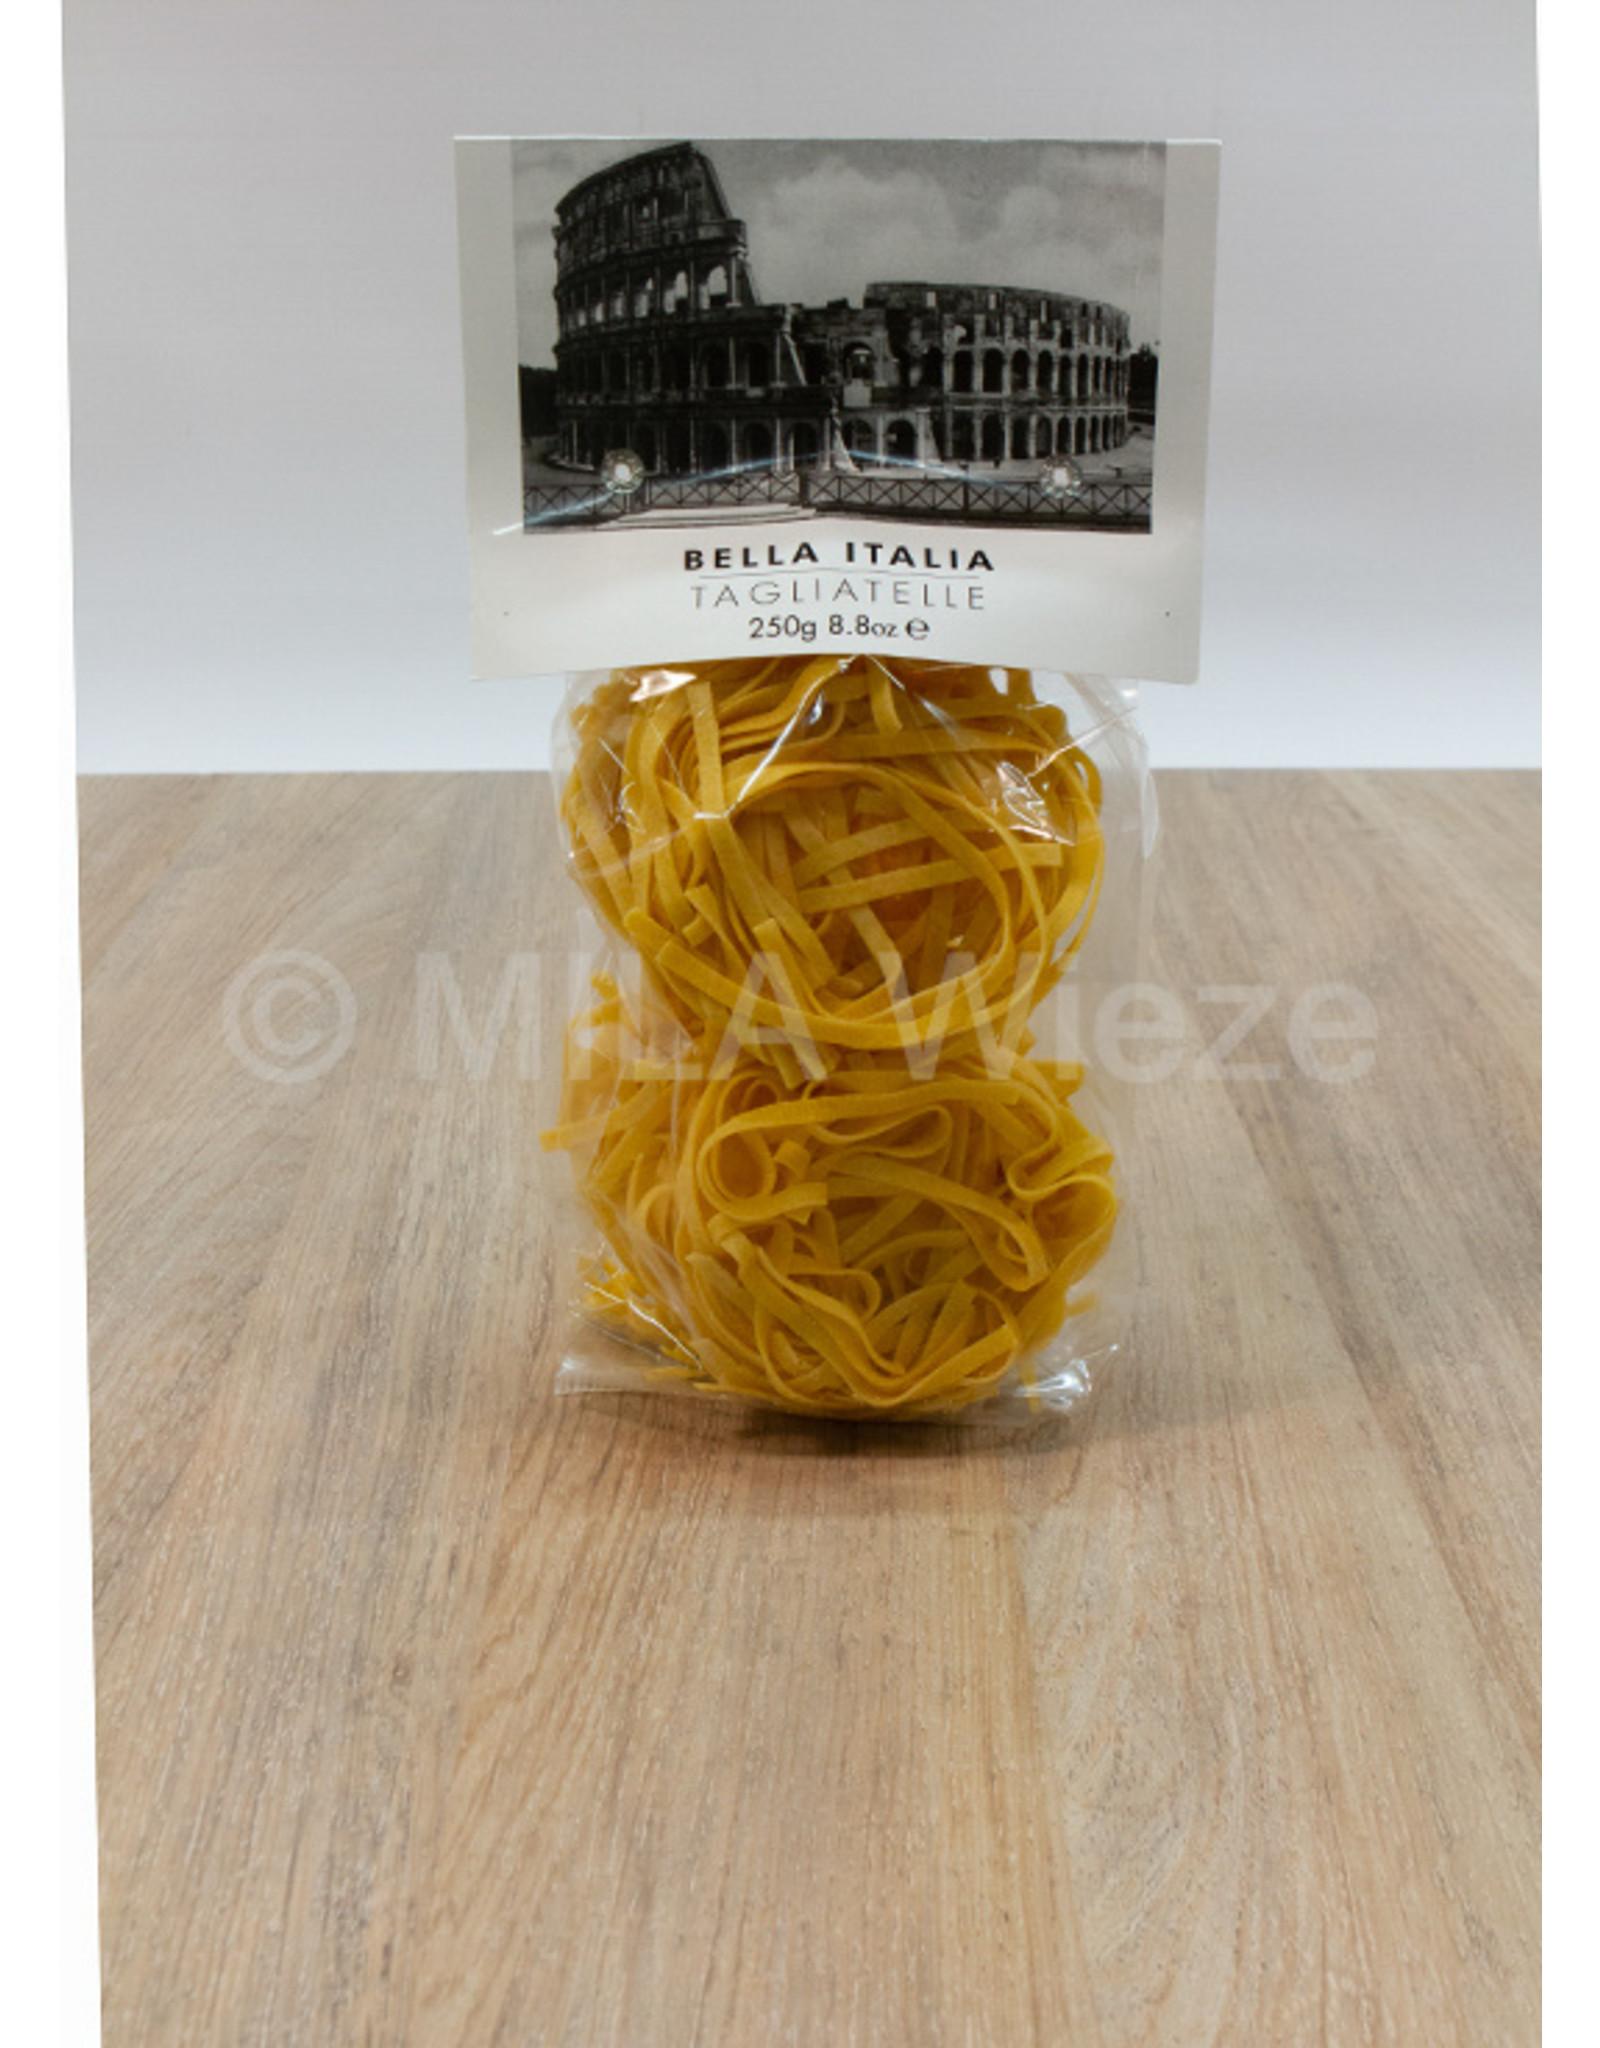 Bella Italia Pasta Bella Italia - Tagliatell Tagliatelle al uovo